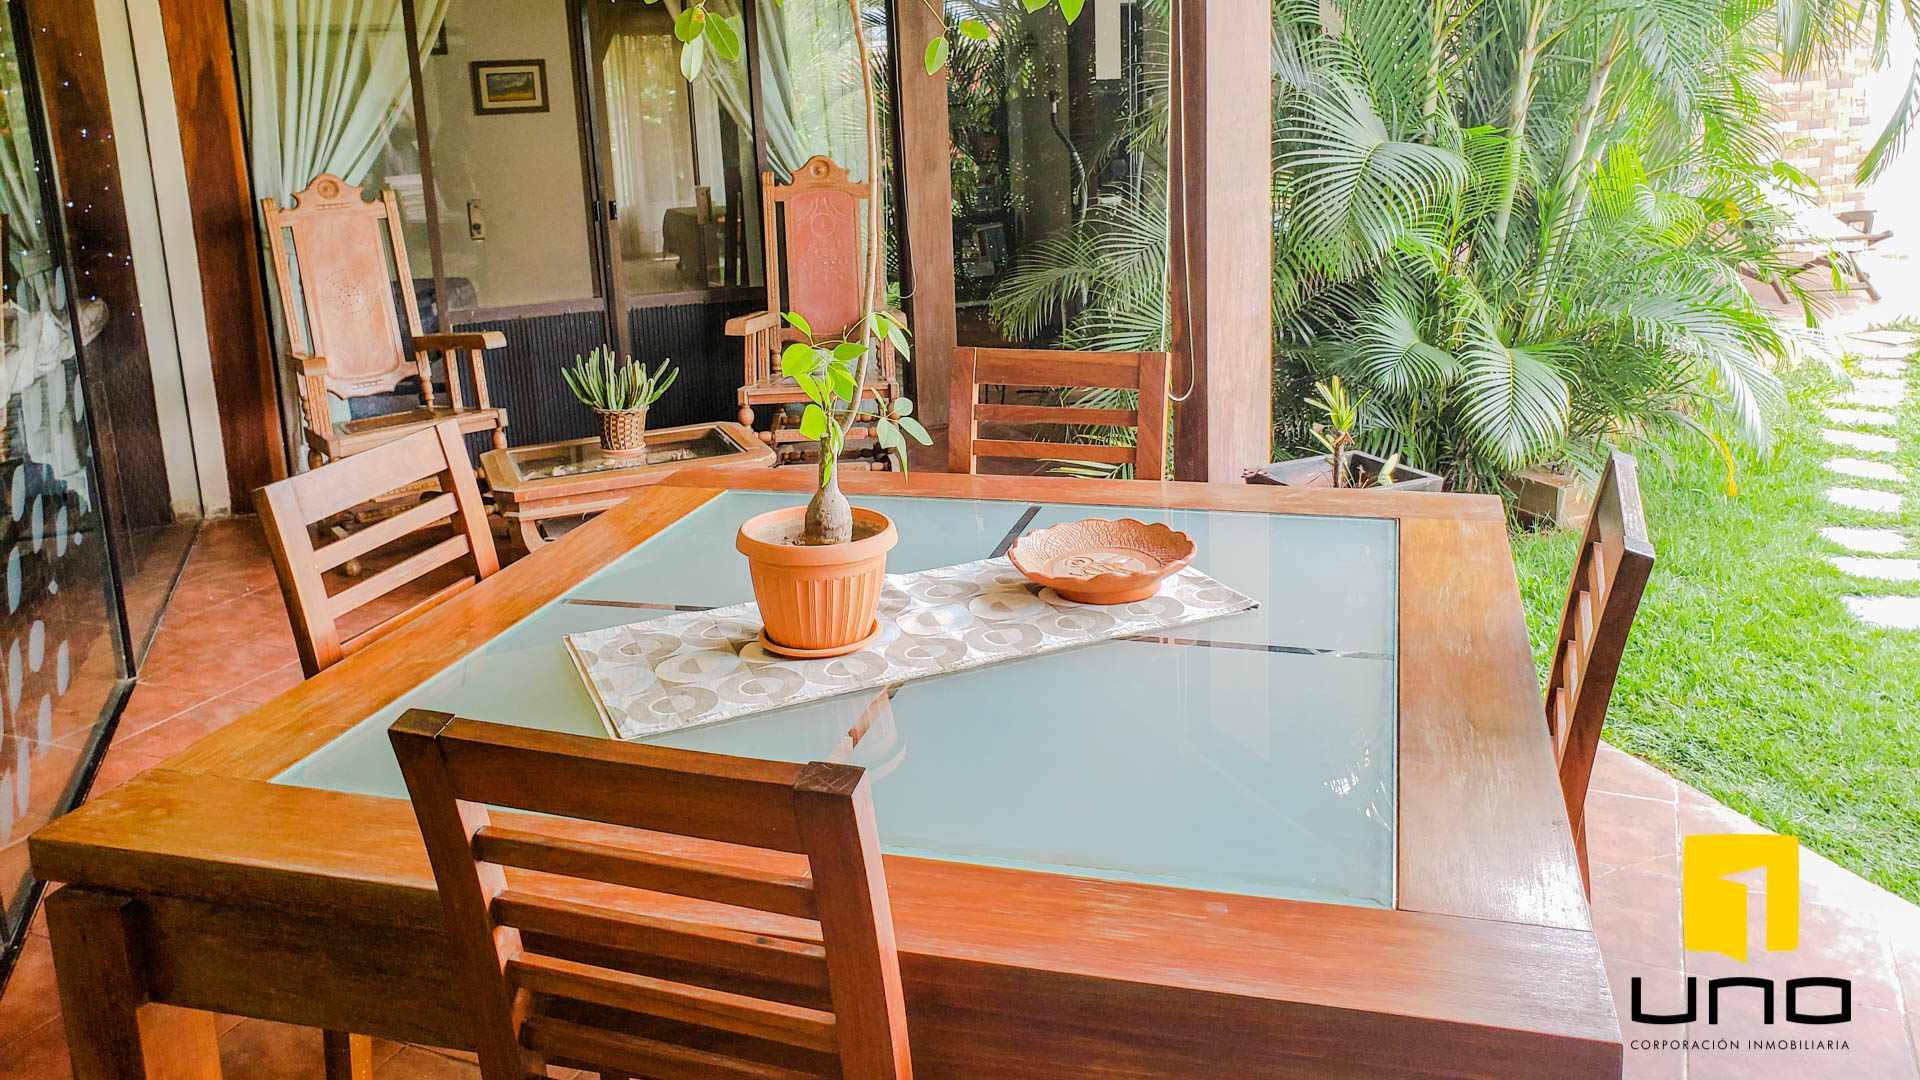 Casa en Alquiler COLINAS DEL URUBO I ALQUILO AMPLIA CASA DE UNA PLANTA Foto 12